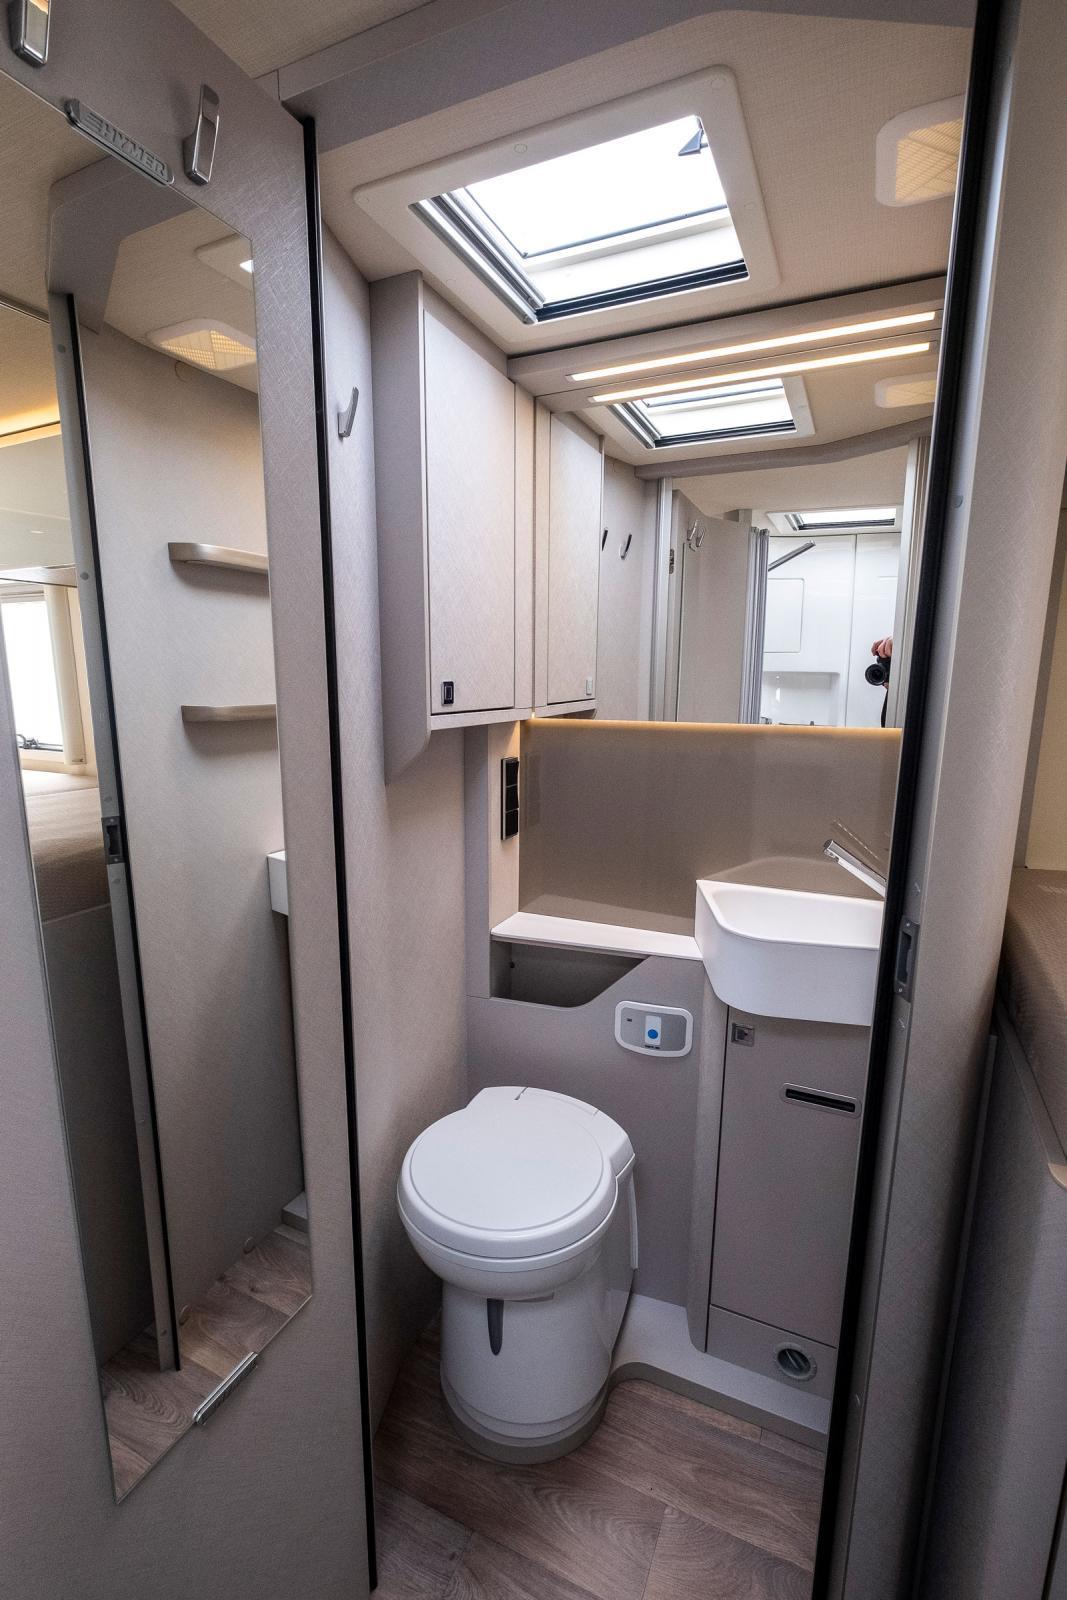 Massor av speglar och klädkrokar i toalettutrymmet.